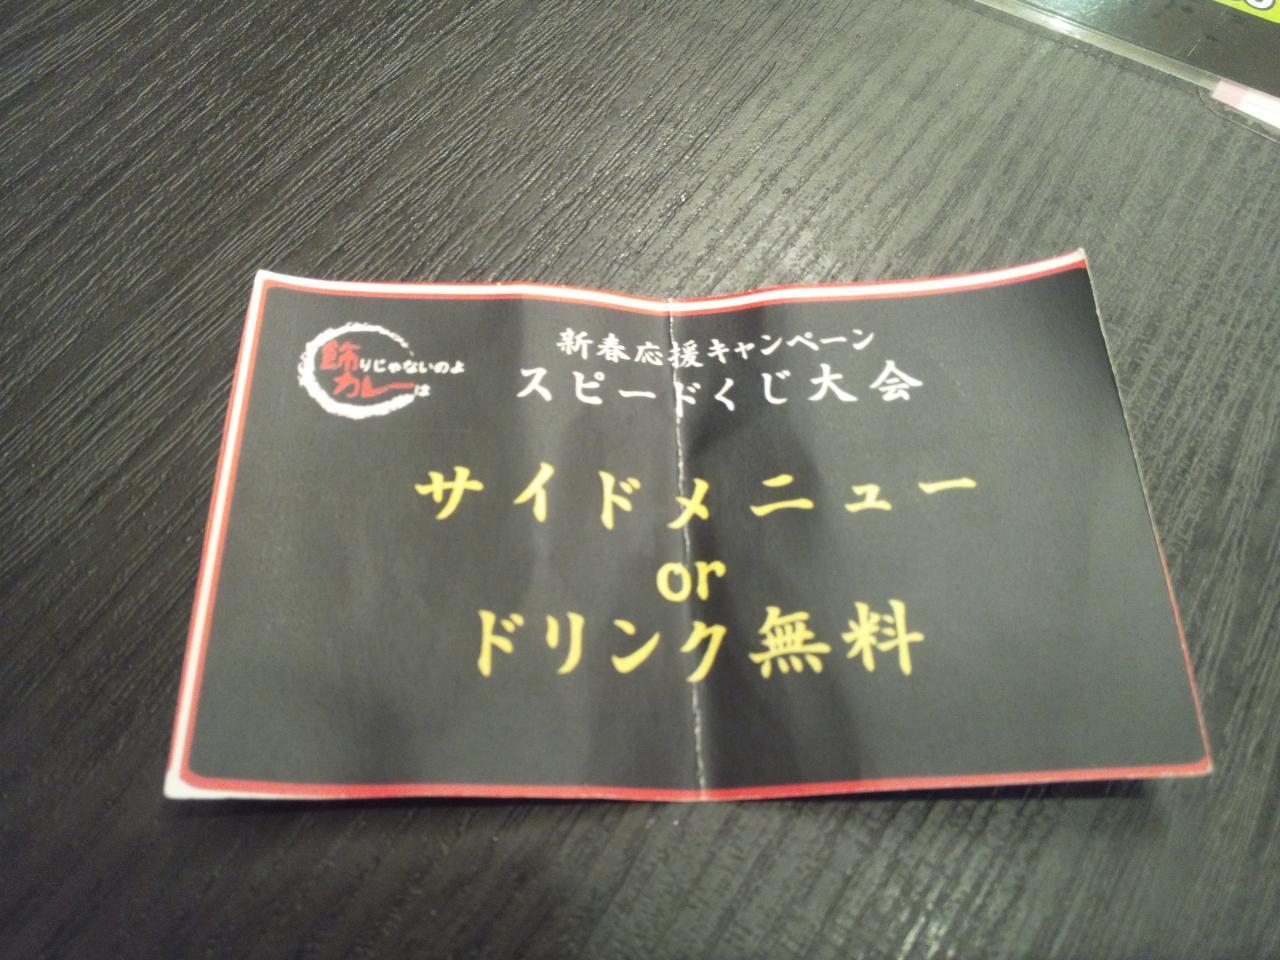 飾りじゃないのよカレーは三田本店(くじ)